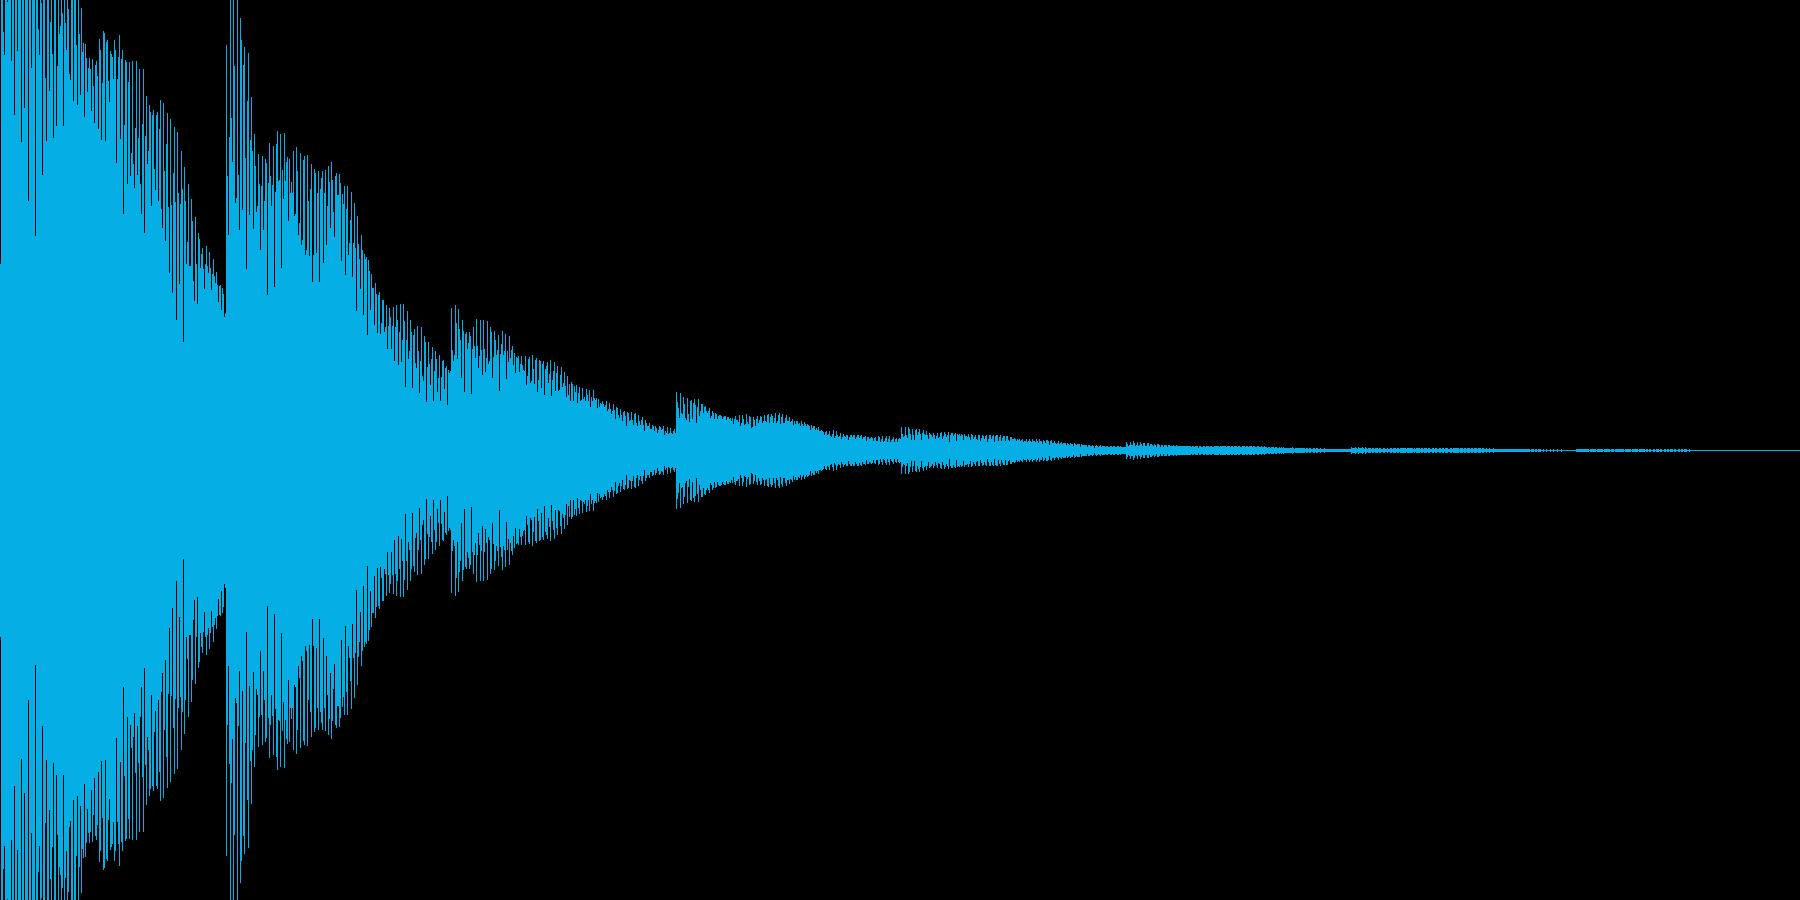 ゲームの決定音の再生済みの波形